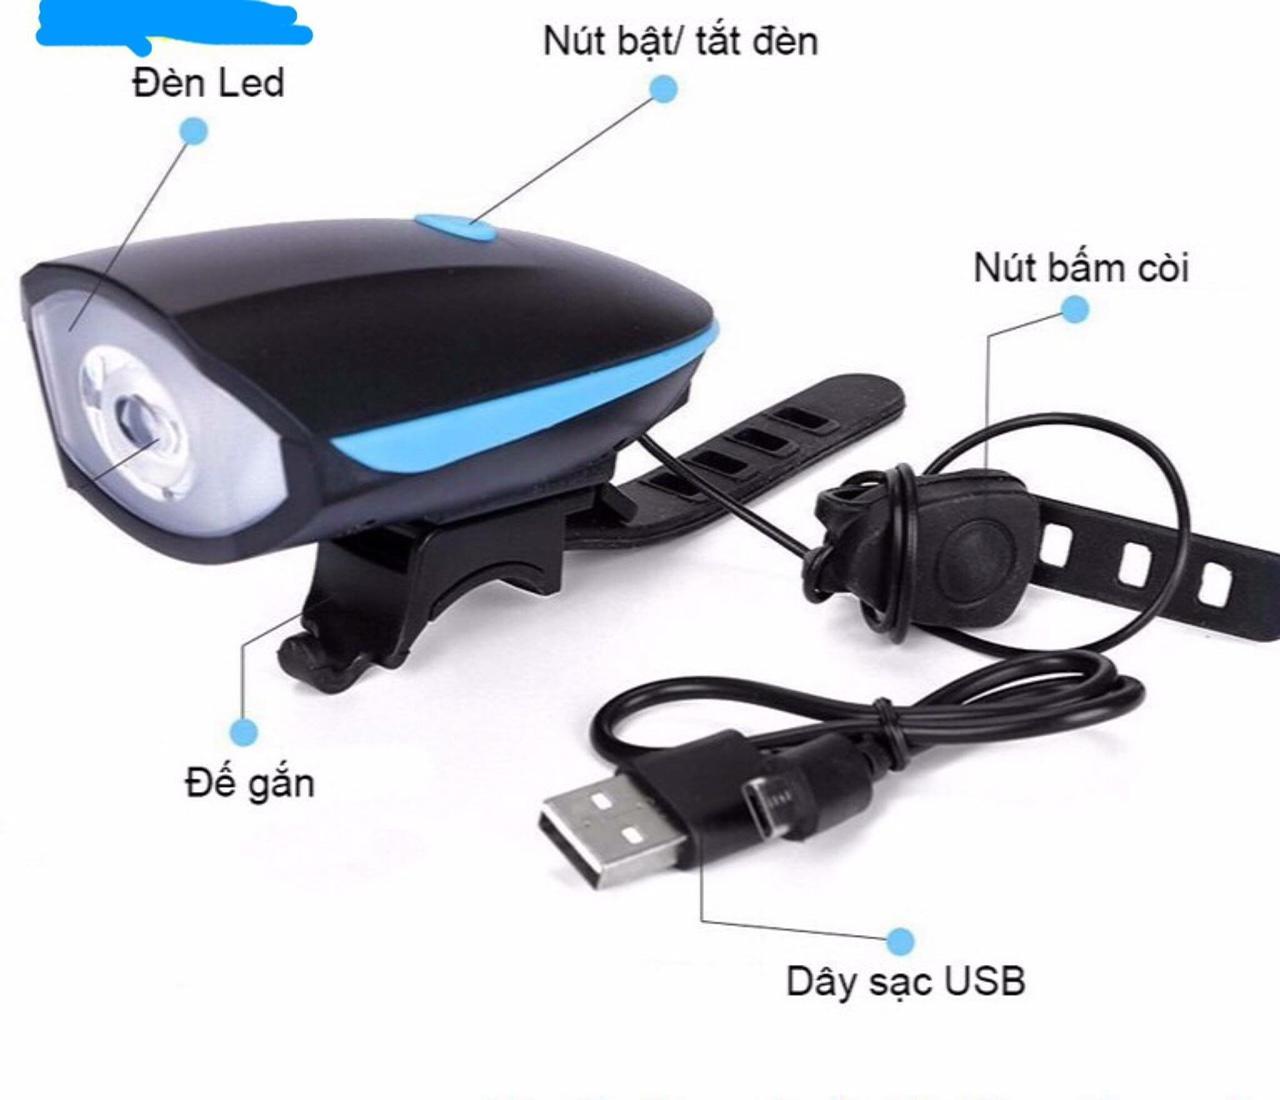 Offer Giảm Giá Đèn Xe Đạp Siêu Sáng Tích Hợp Còi Chống Nước Cao Cấp XPE T6 SẠC USB - SK04 Độ Sáng 250 Lumen